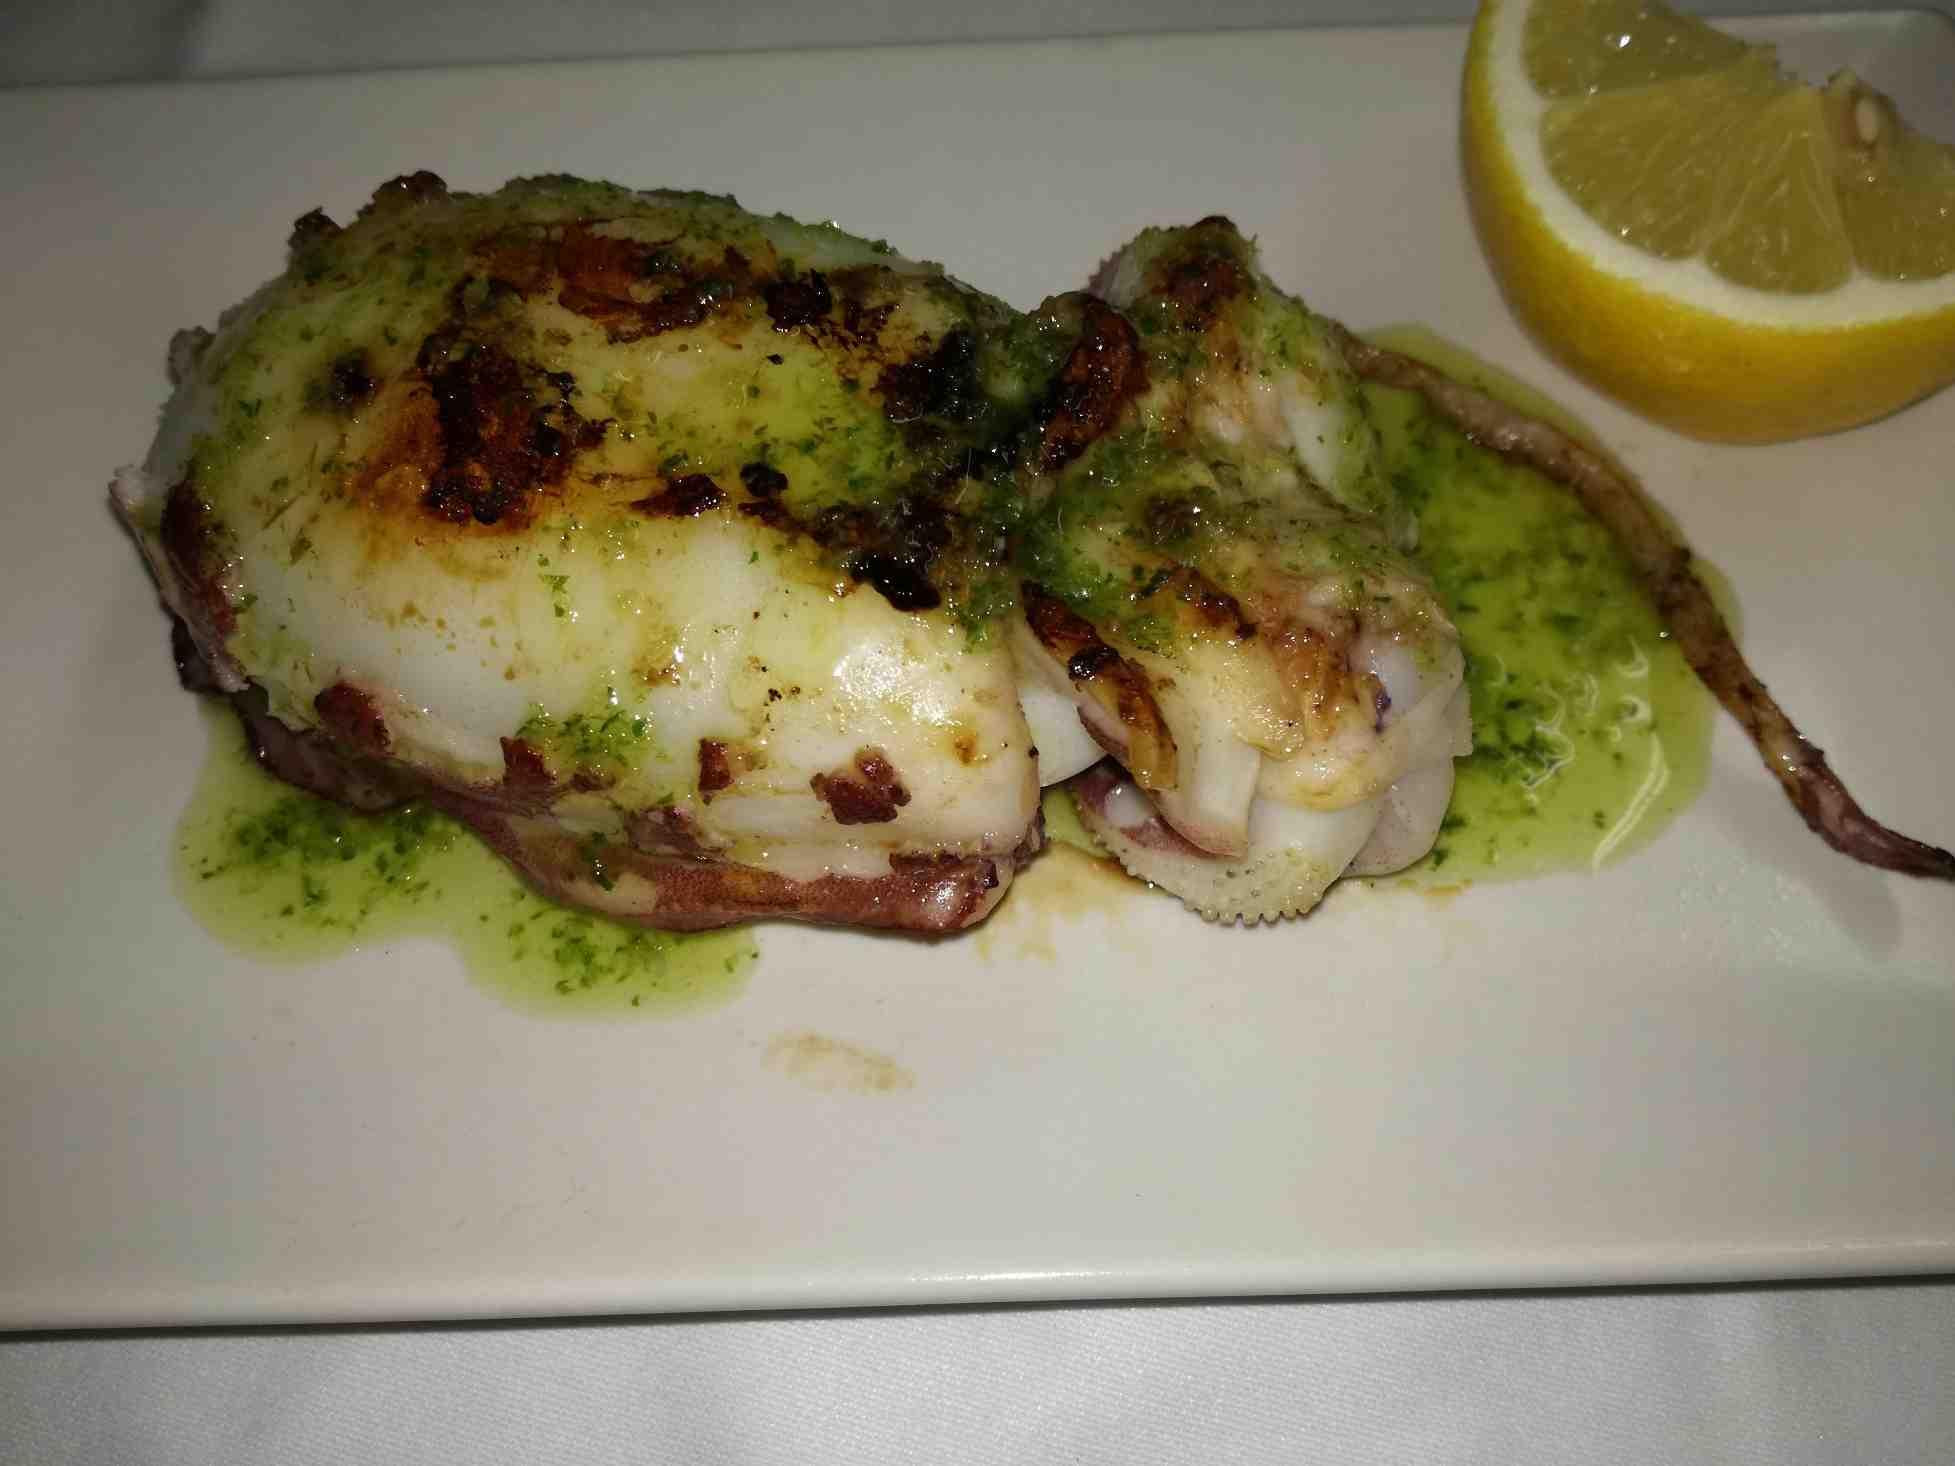 restaurante-marisqueria-valencia-islas-canarias-puerto-ciudad-artes-ciencias-sepia-plancha